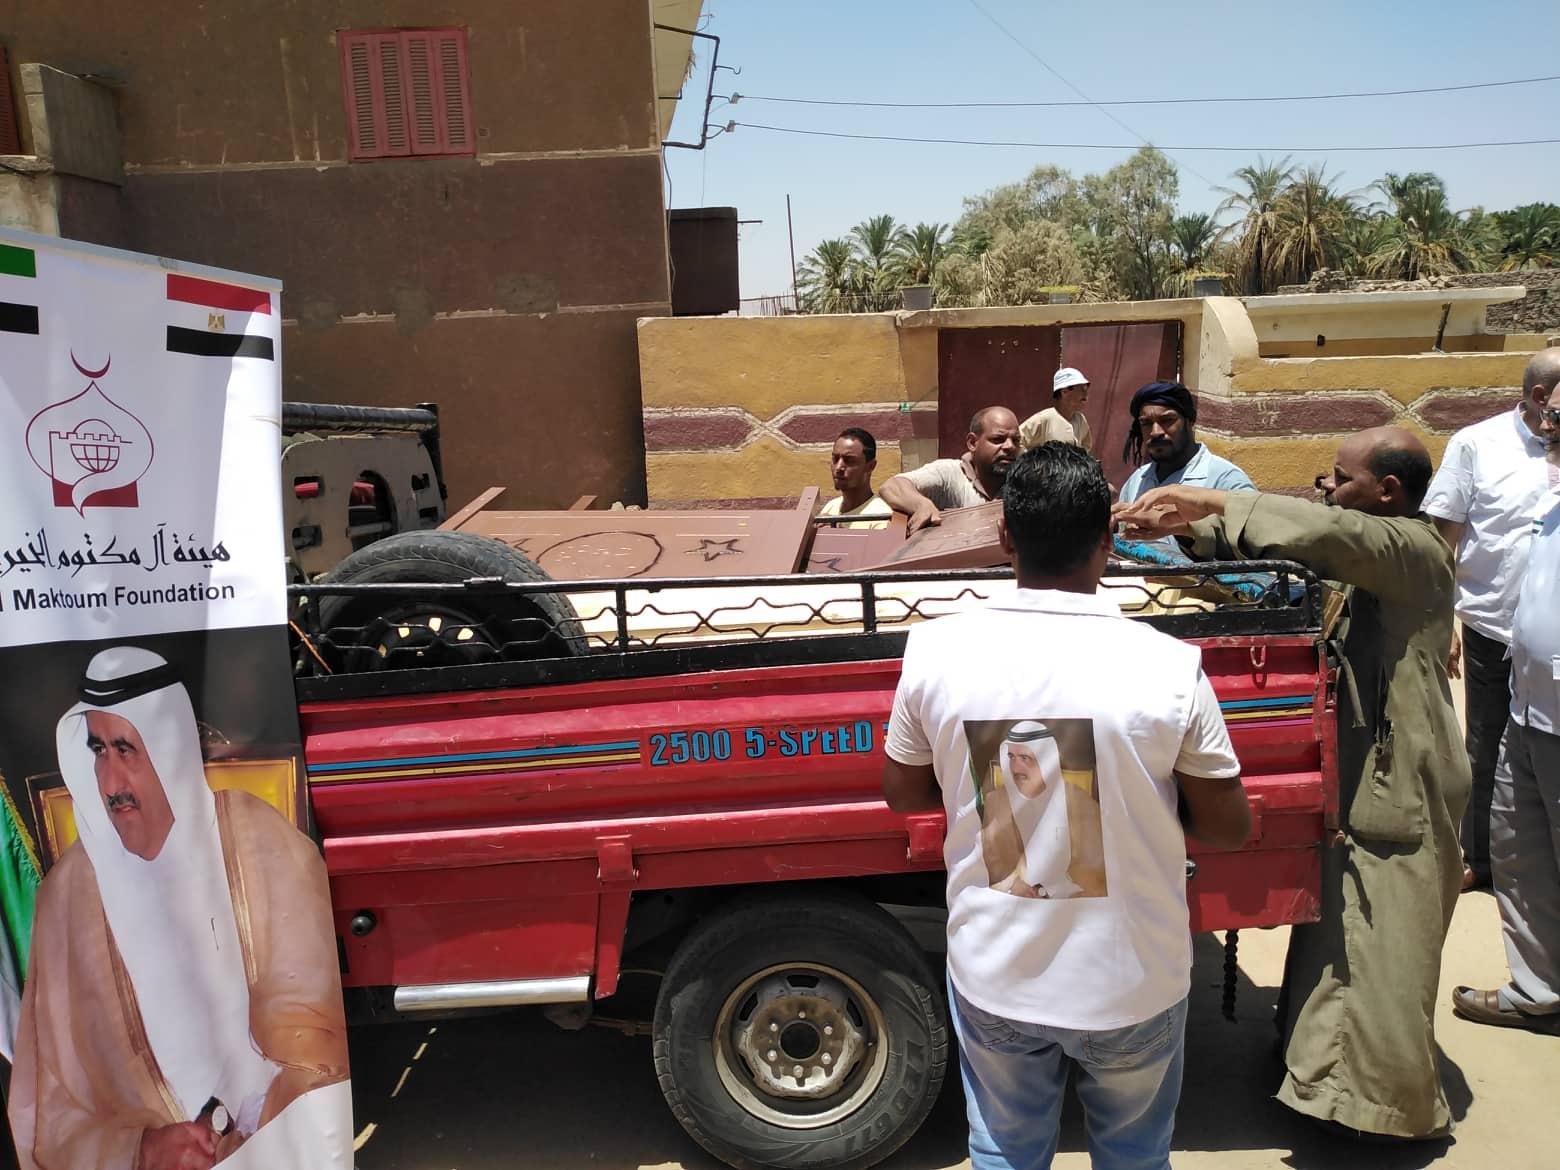 قافلة هيئة آل مكتوم الخيرية تغيث أهالي نجع الفتاتيح بالأقصرالمصرية